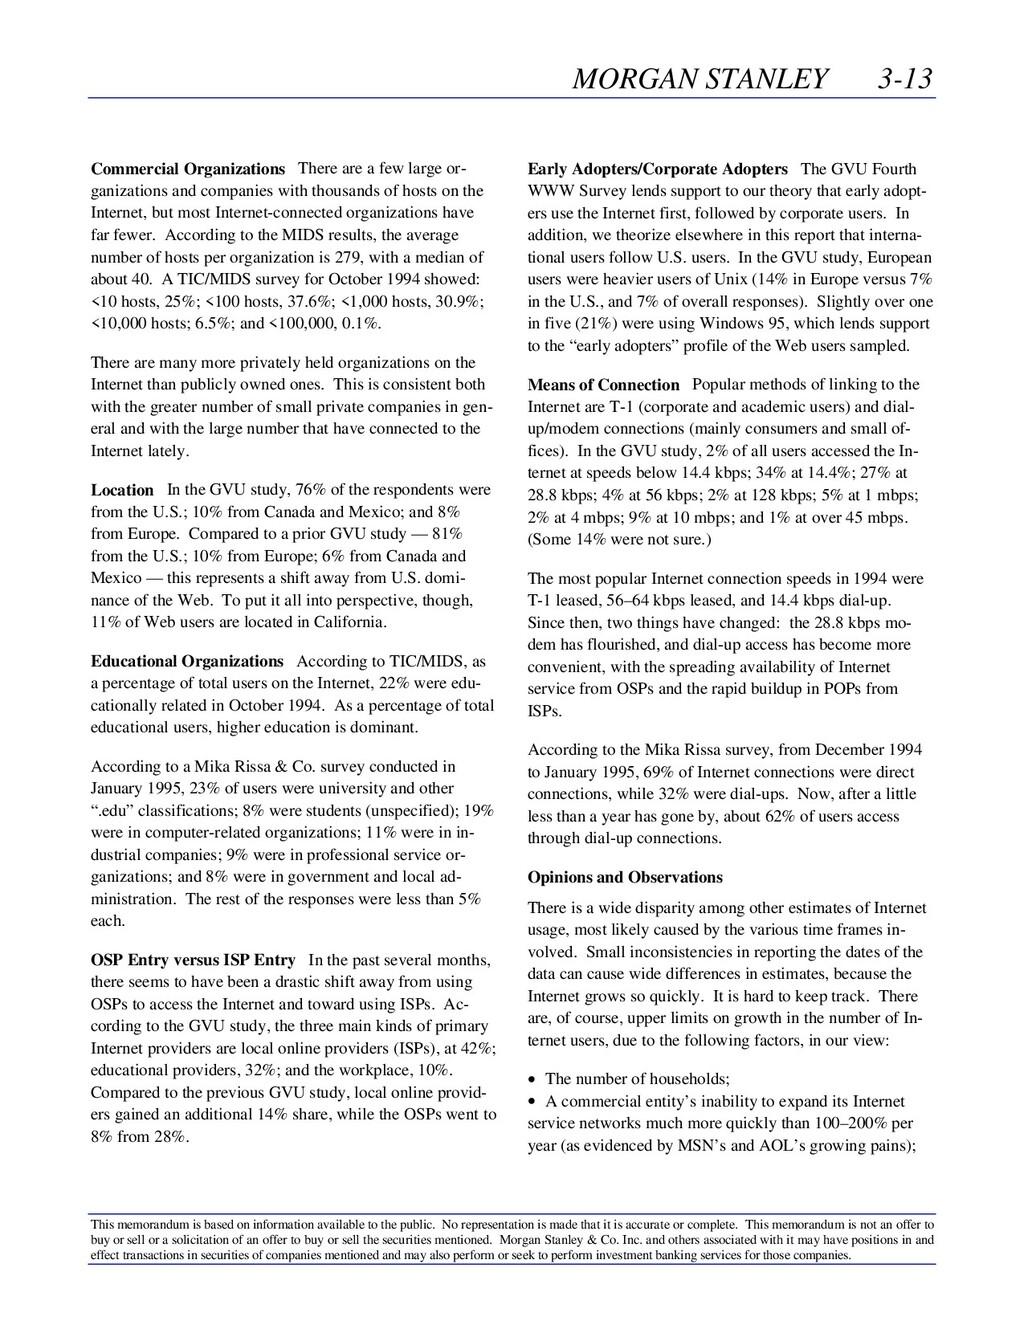 MORGAN STANLEY 3-13 This memorandum is based on...